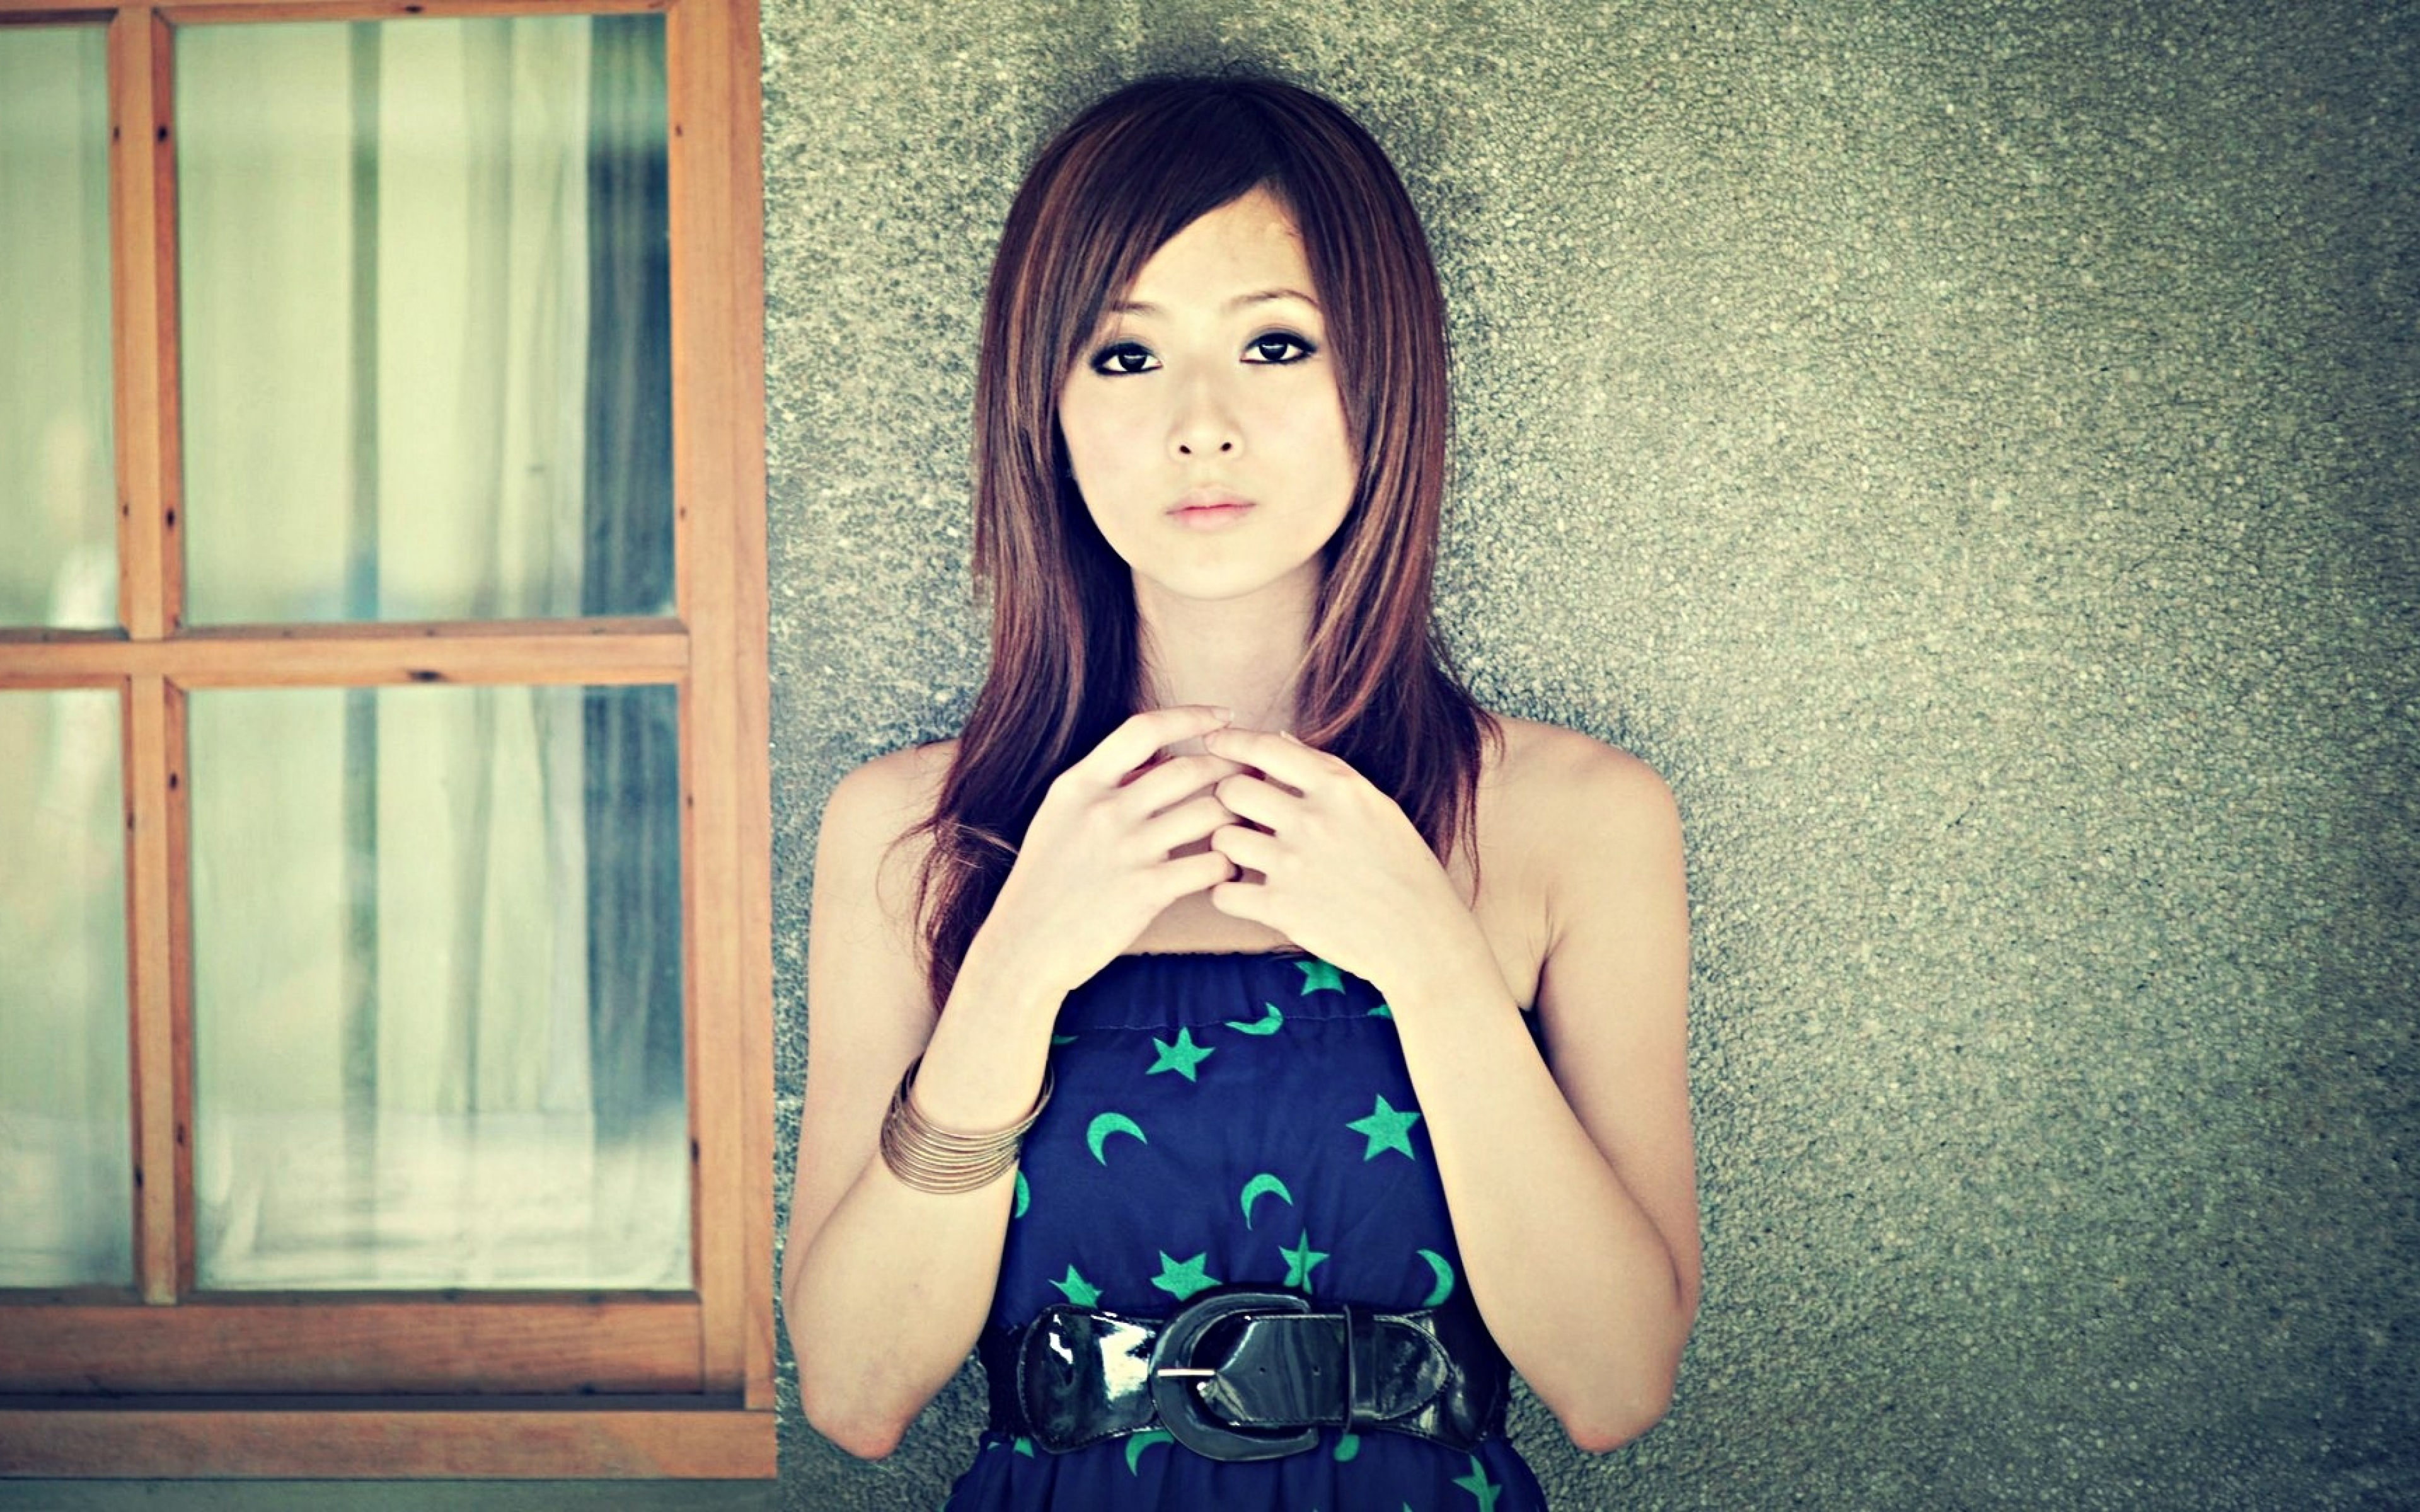 Японские девушки фото высокое разрешение